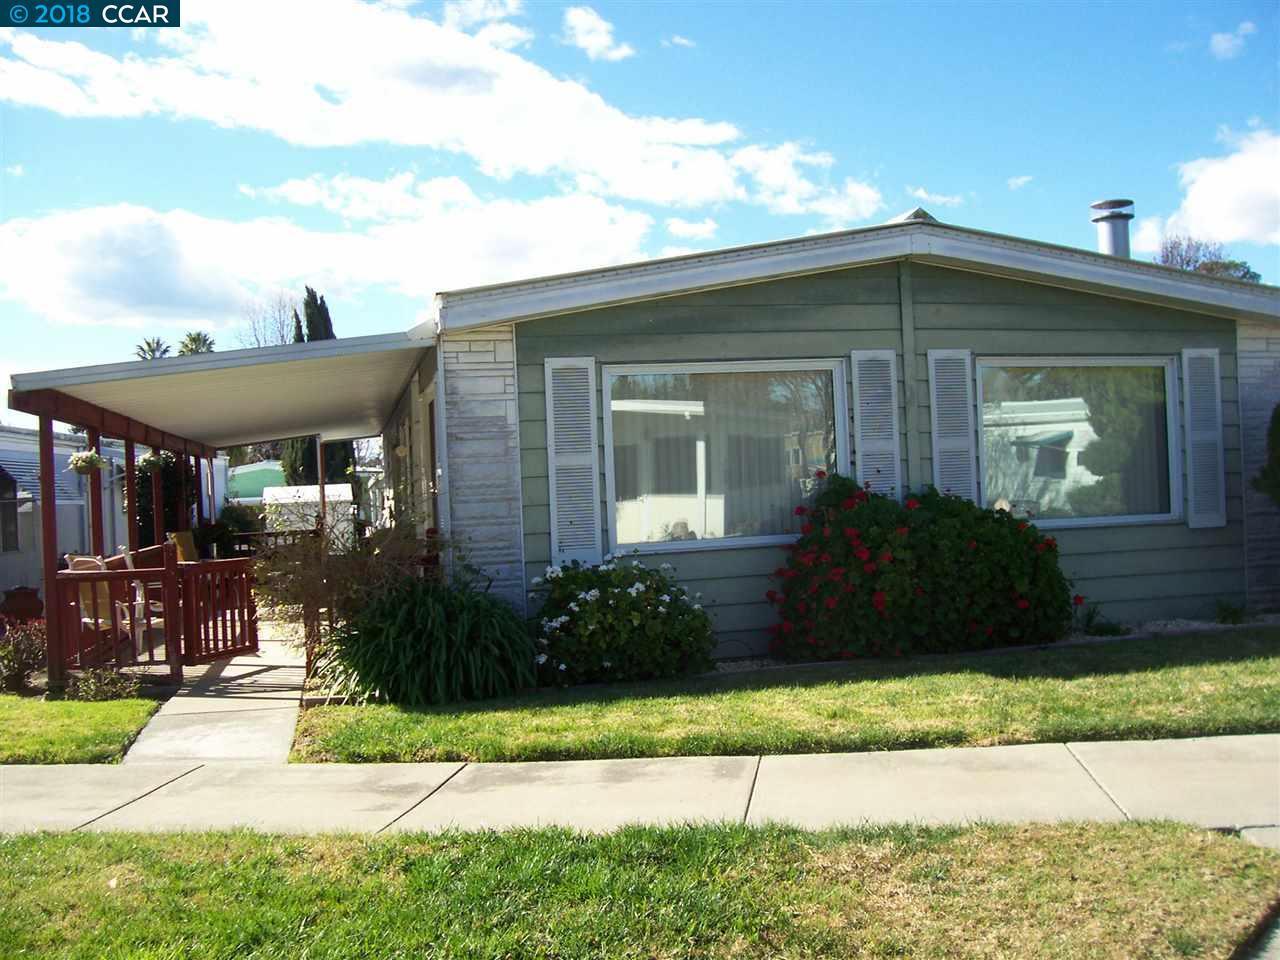 2113 Dalis Drive 2113 Dalis Drive Concord, California 94520 United States